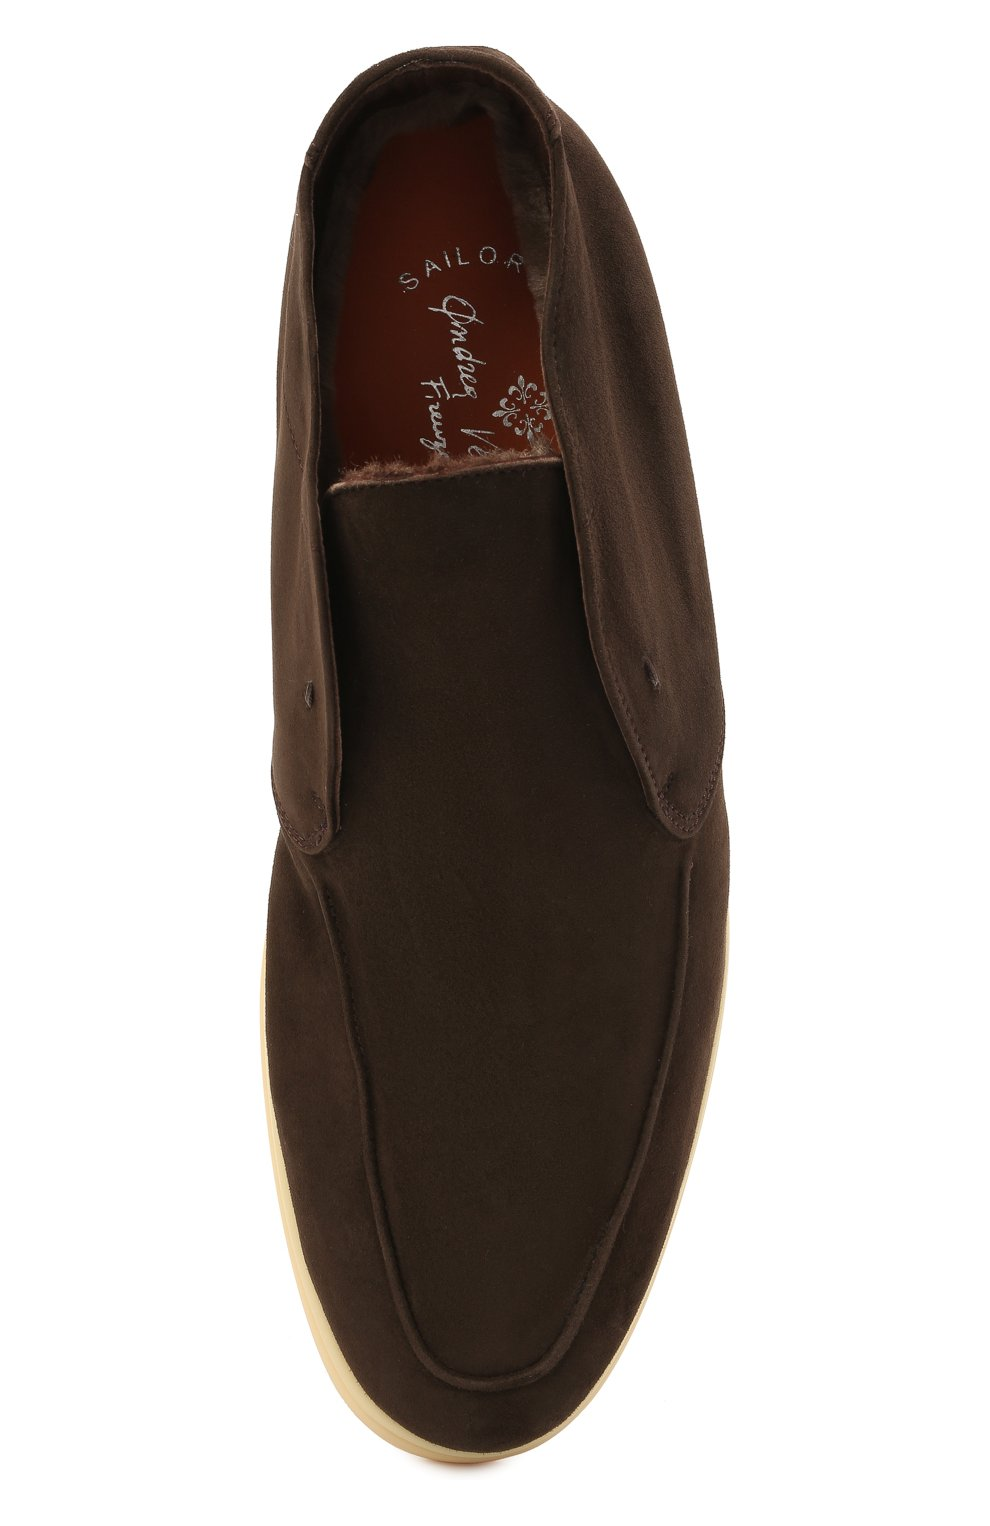 Мужские замшевые ботинки ANDREA VENTURA FIRENZE темно-коричневого цвета, арт. W-SAIL0R PANAREA/SHEARLING/CACHEMIRE/WS-IV0RY | Фото 5 (Материал утеплителя: Натуральный мех; Мужское Кросс-КТ: Ботинки-обувь, зимние ботинки; Материал внутренний: Натуральная кожа; Подошва: Плоская; Материал внешний: Замша)